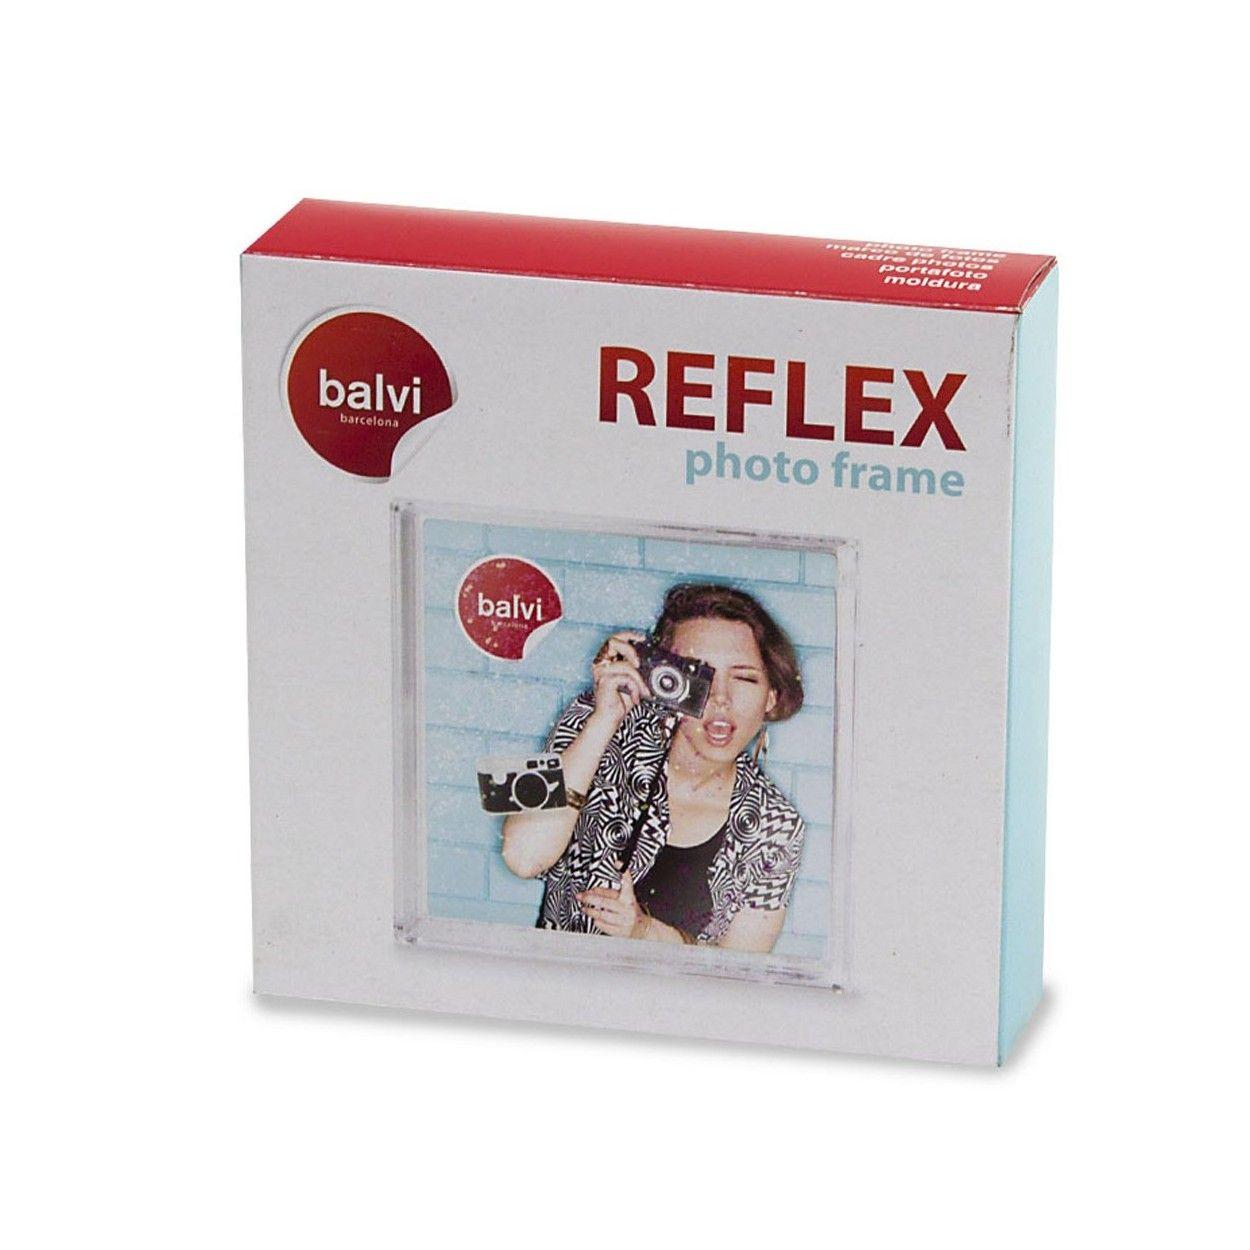 Marco Reflex 10x10 plástico - Hogar y más